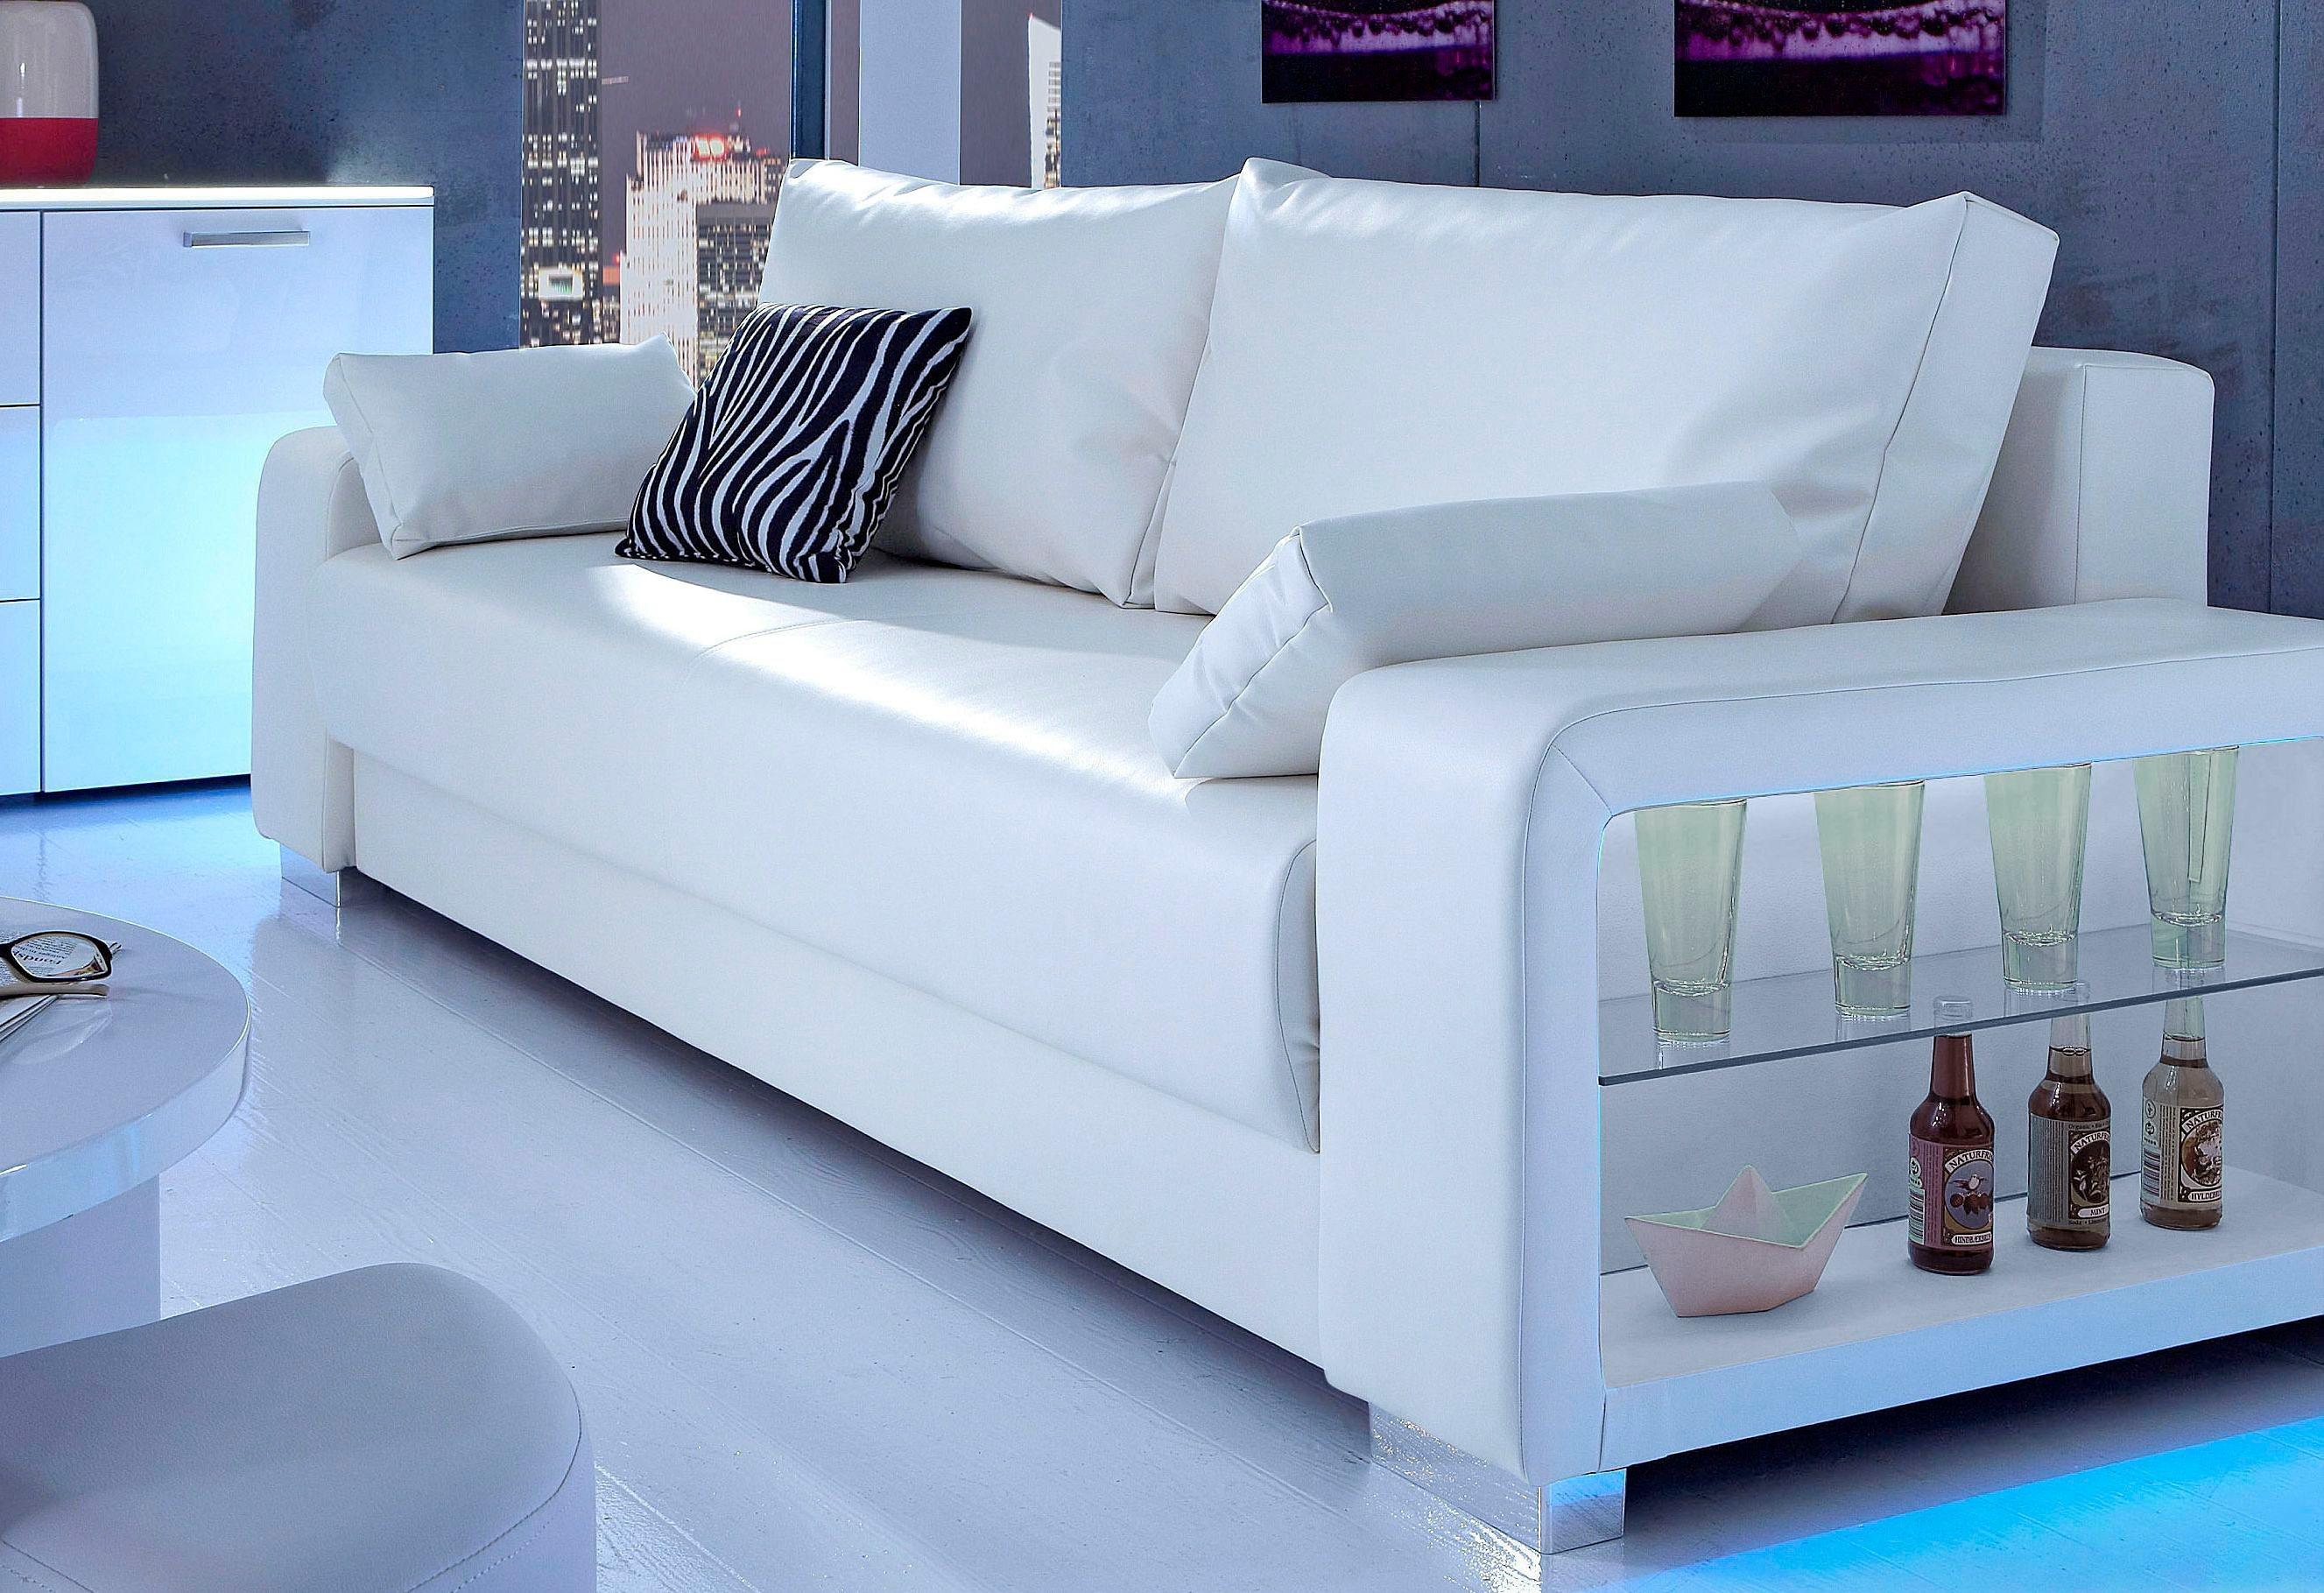 microfaser schlafsofas online kaufen m bel suchmaschine. Black Bedroom Furniture Sets. Home Design Ideas